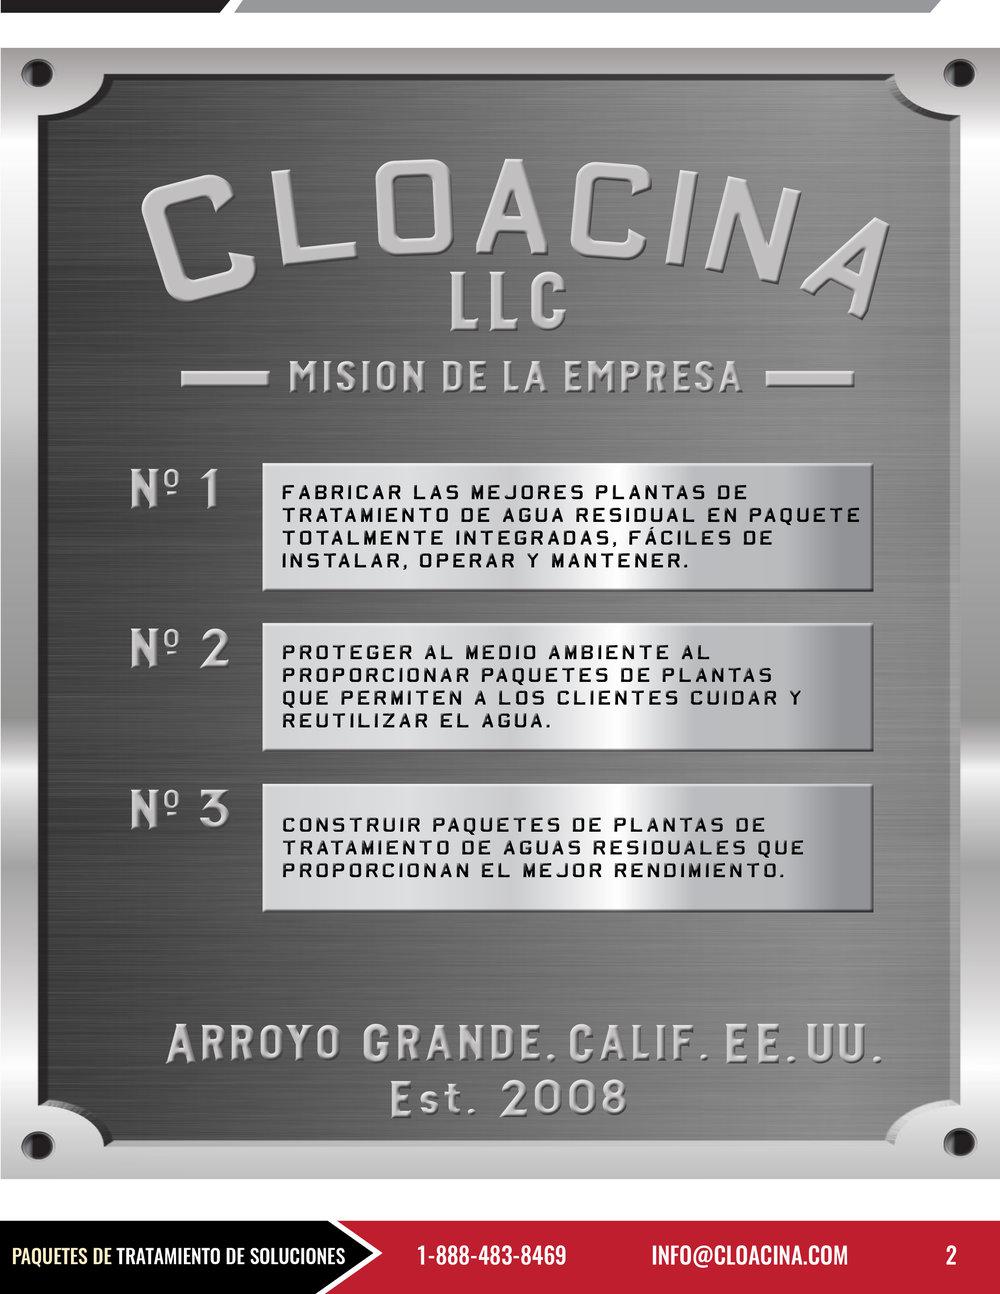 MEMPAC-I-Spanish copy-3.jpg